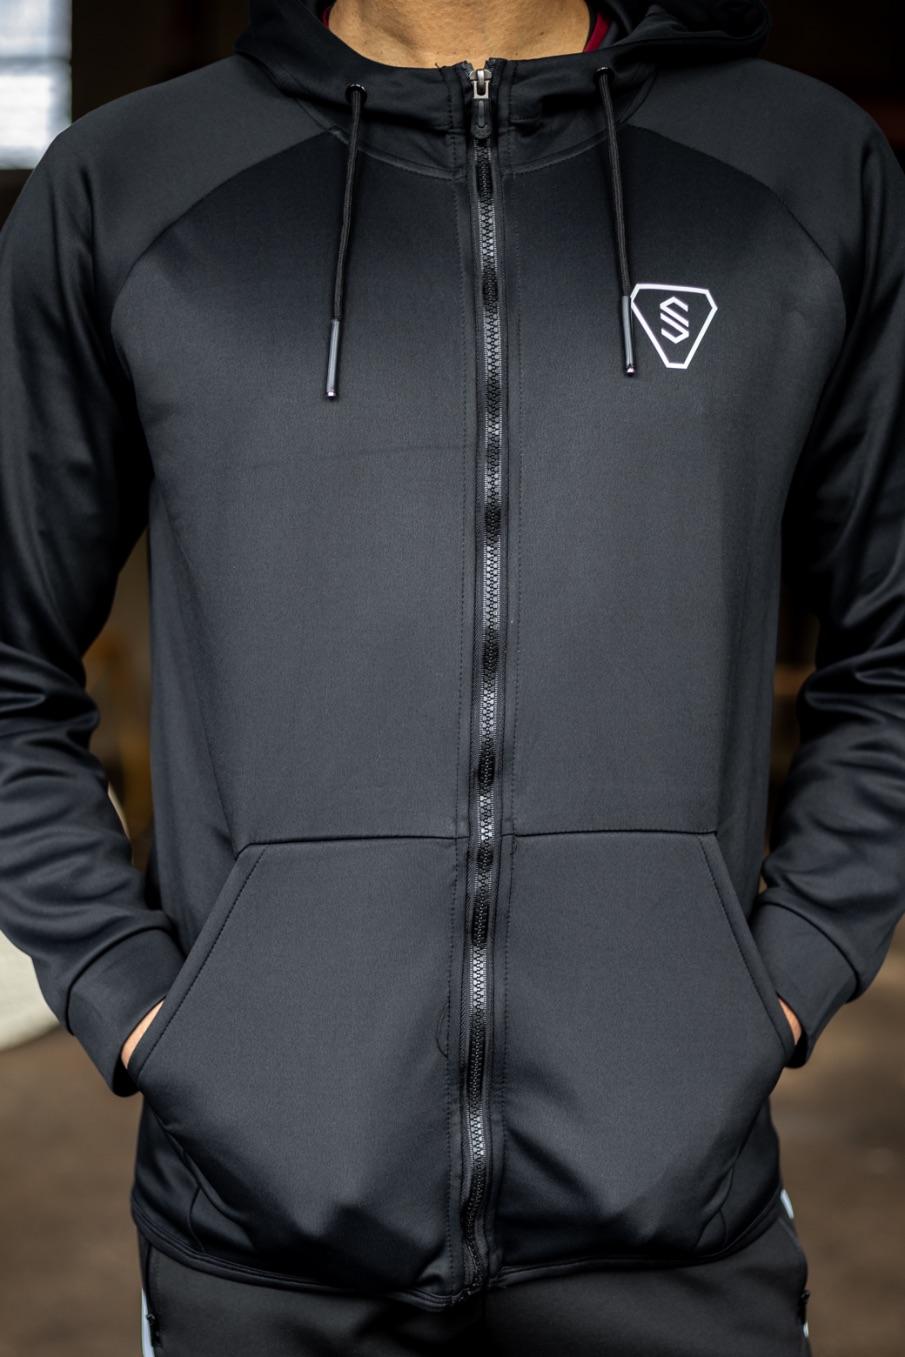 Heren vest dry fit zwart en grijs met capuchon hoodie